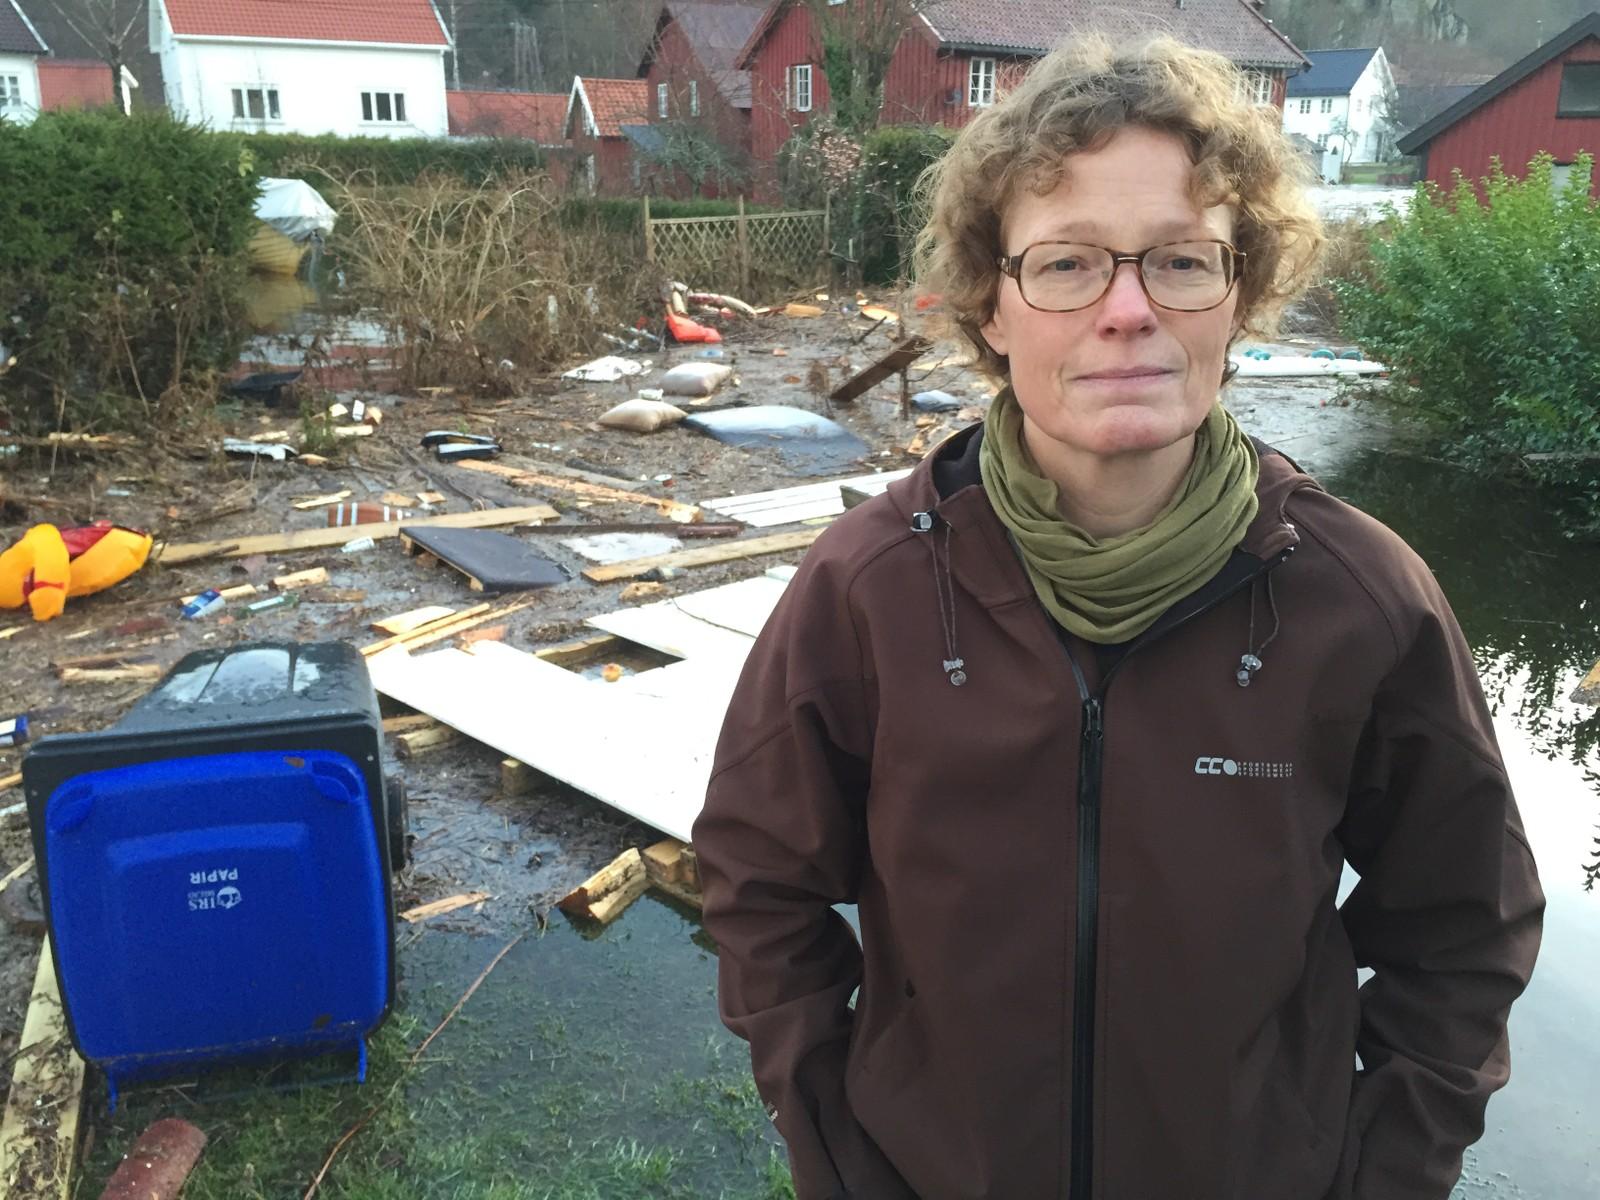 Elin Holmebakk i Kvinesdal forteller om store mengde skrot og materialer som har samlet seg foran huset der mora hennes bor. - Det ligger brygger, benker, puter, tønner, vinduer og mye mer her. Det blir noen kontainerlass når vi skal rydde opp, sier Holmebakk.